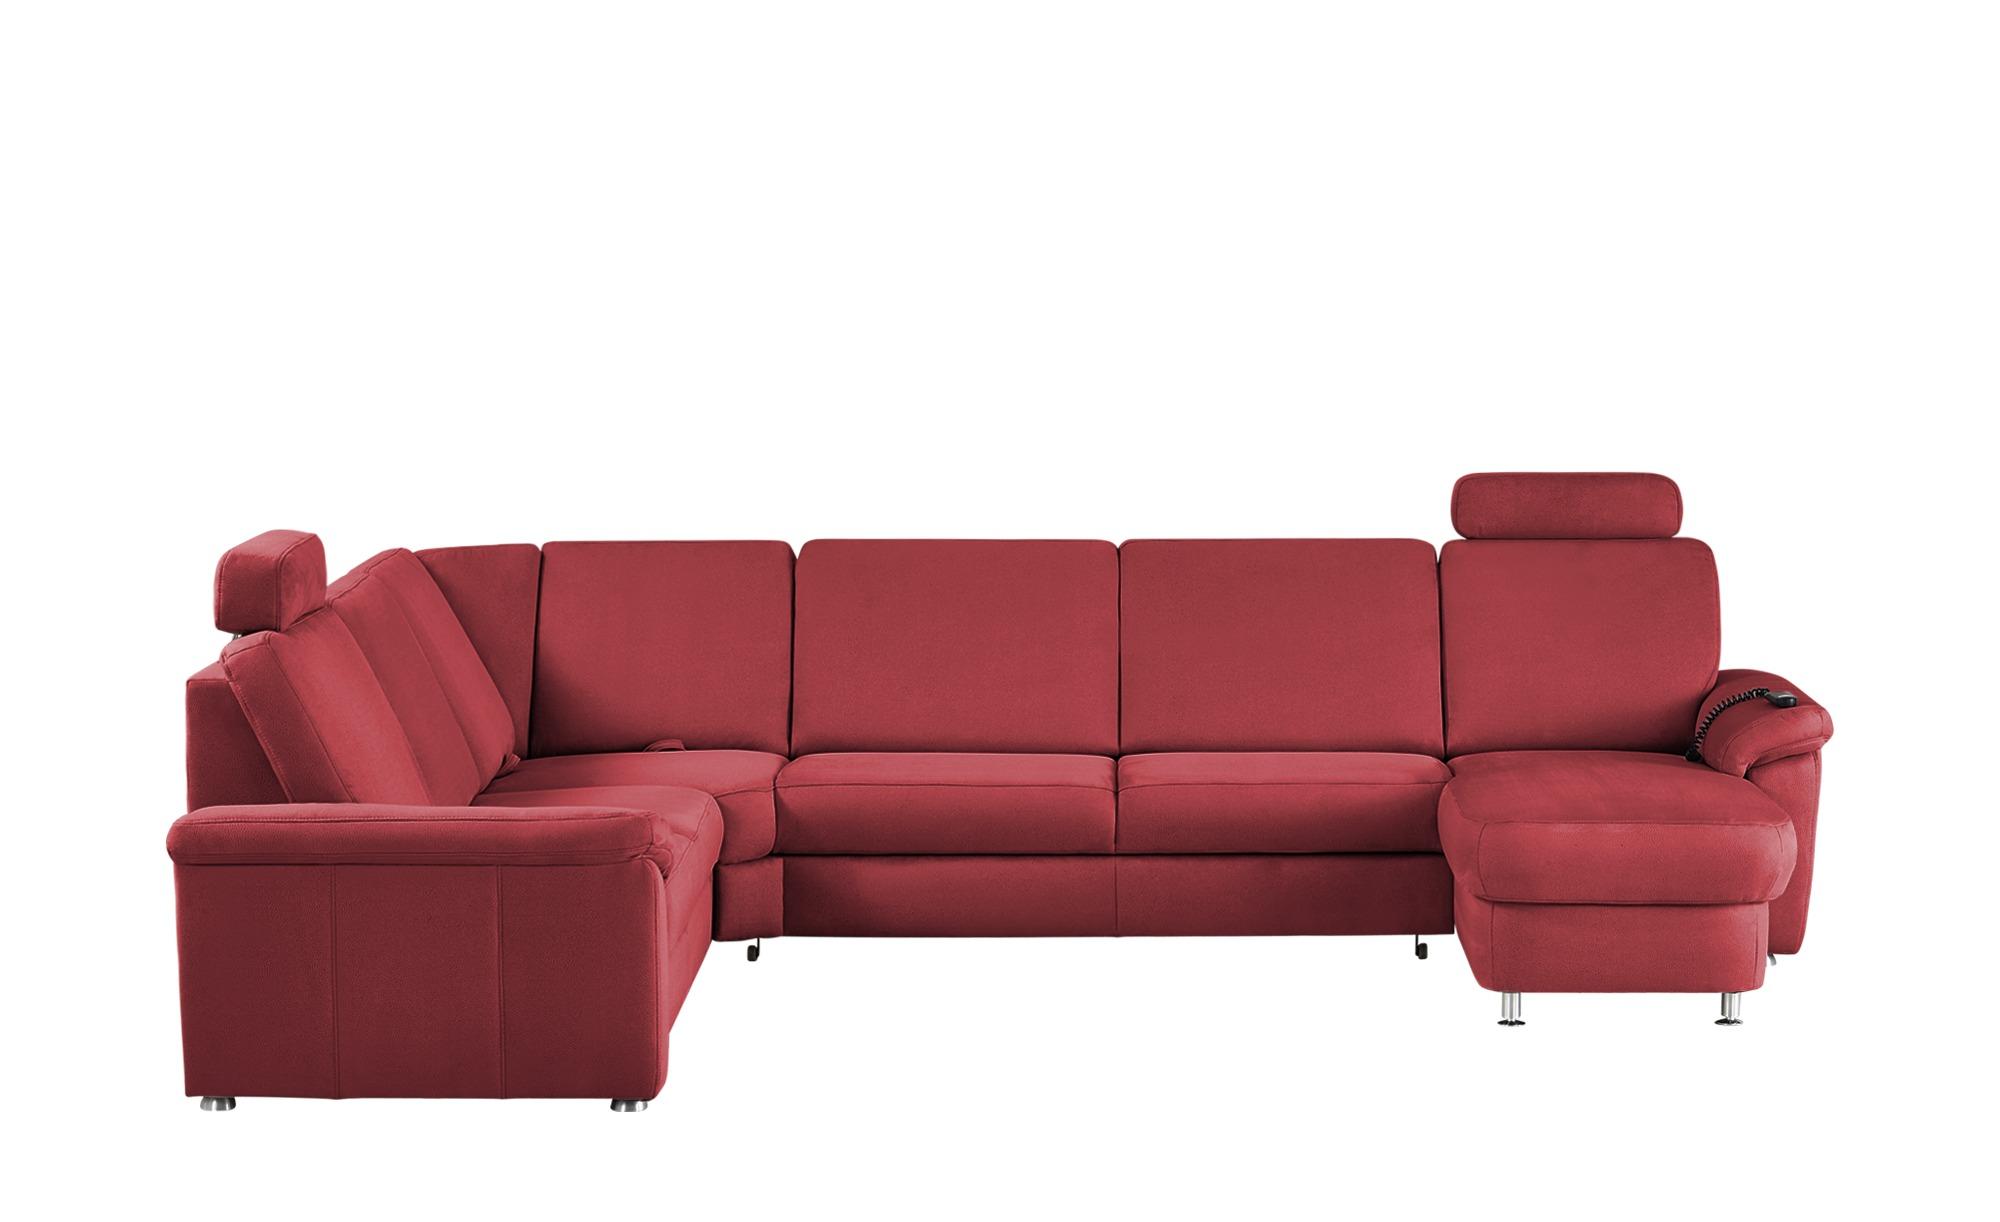 meinSofa Wohnlandschaft rot - Mikrofaser Rita ¦ rot ¦ Maße (cm): H: 91 Polstermöbel > Sofas > Schlafsofas - Höffner